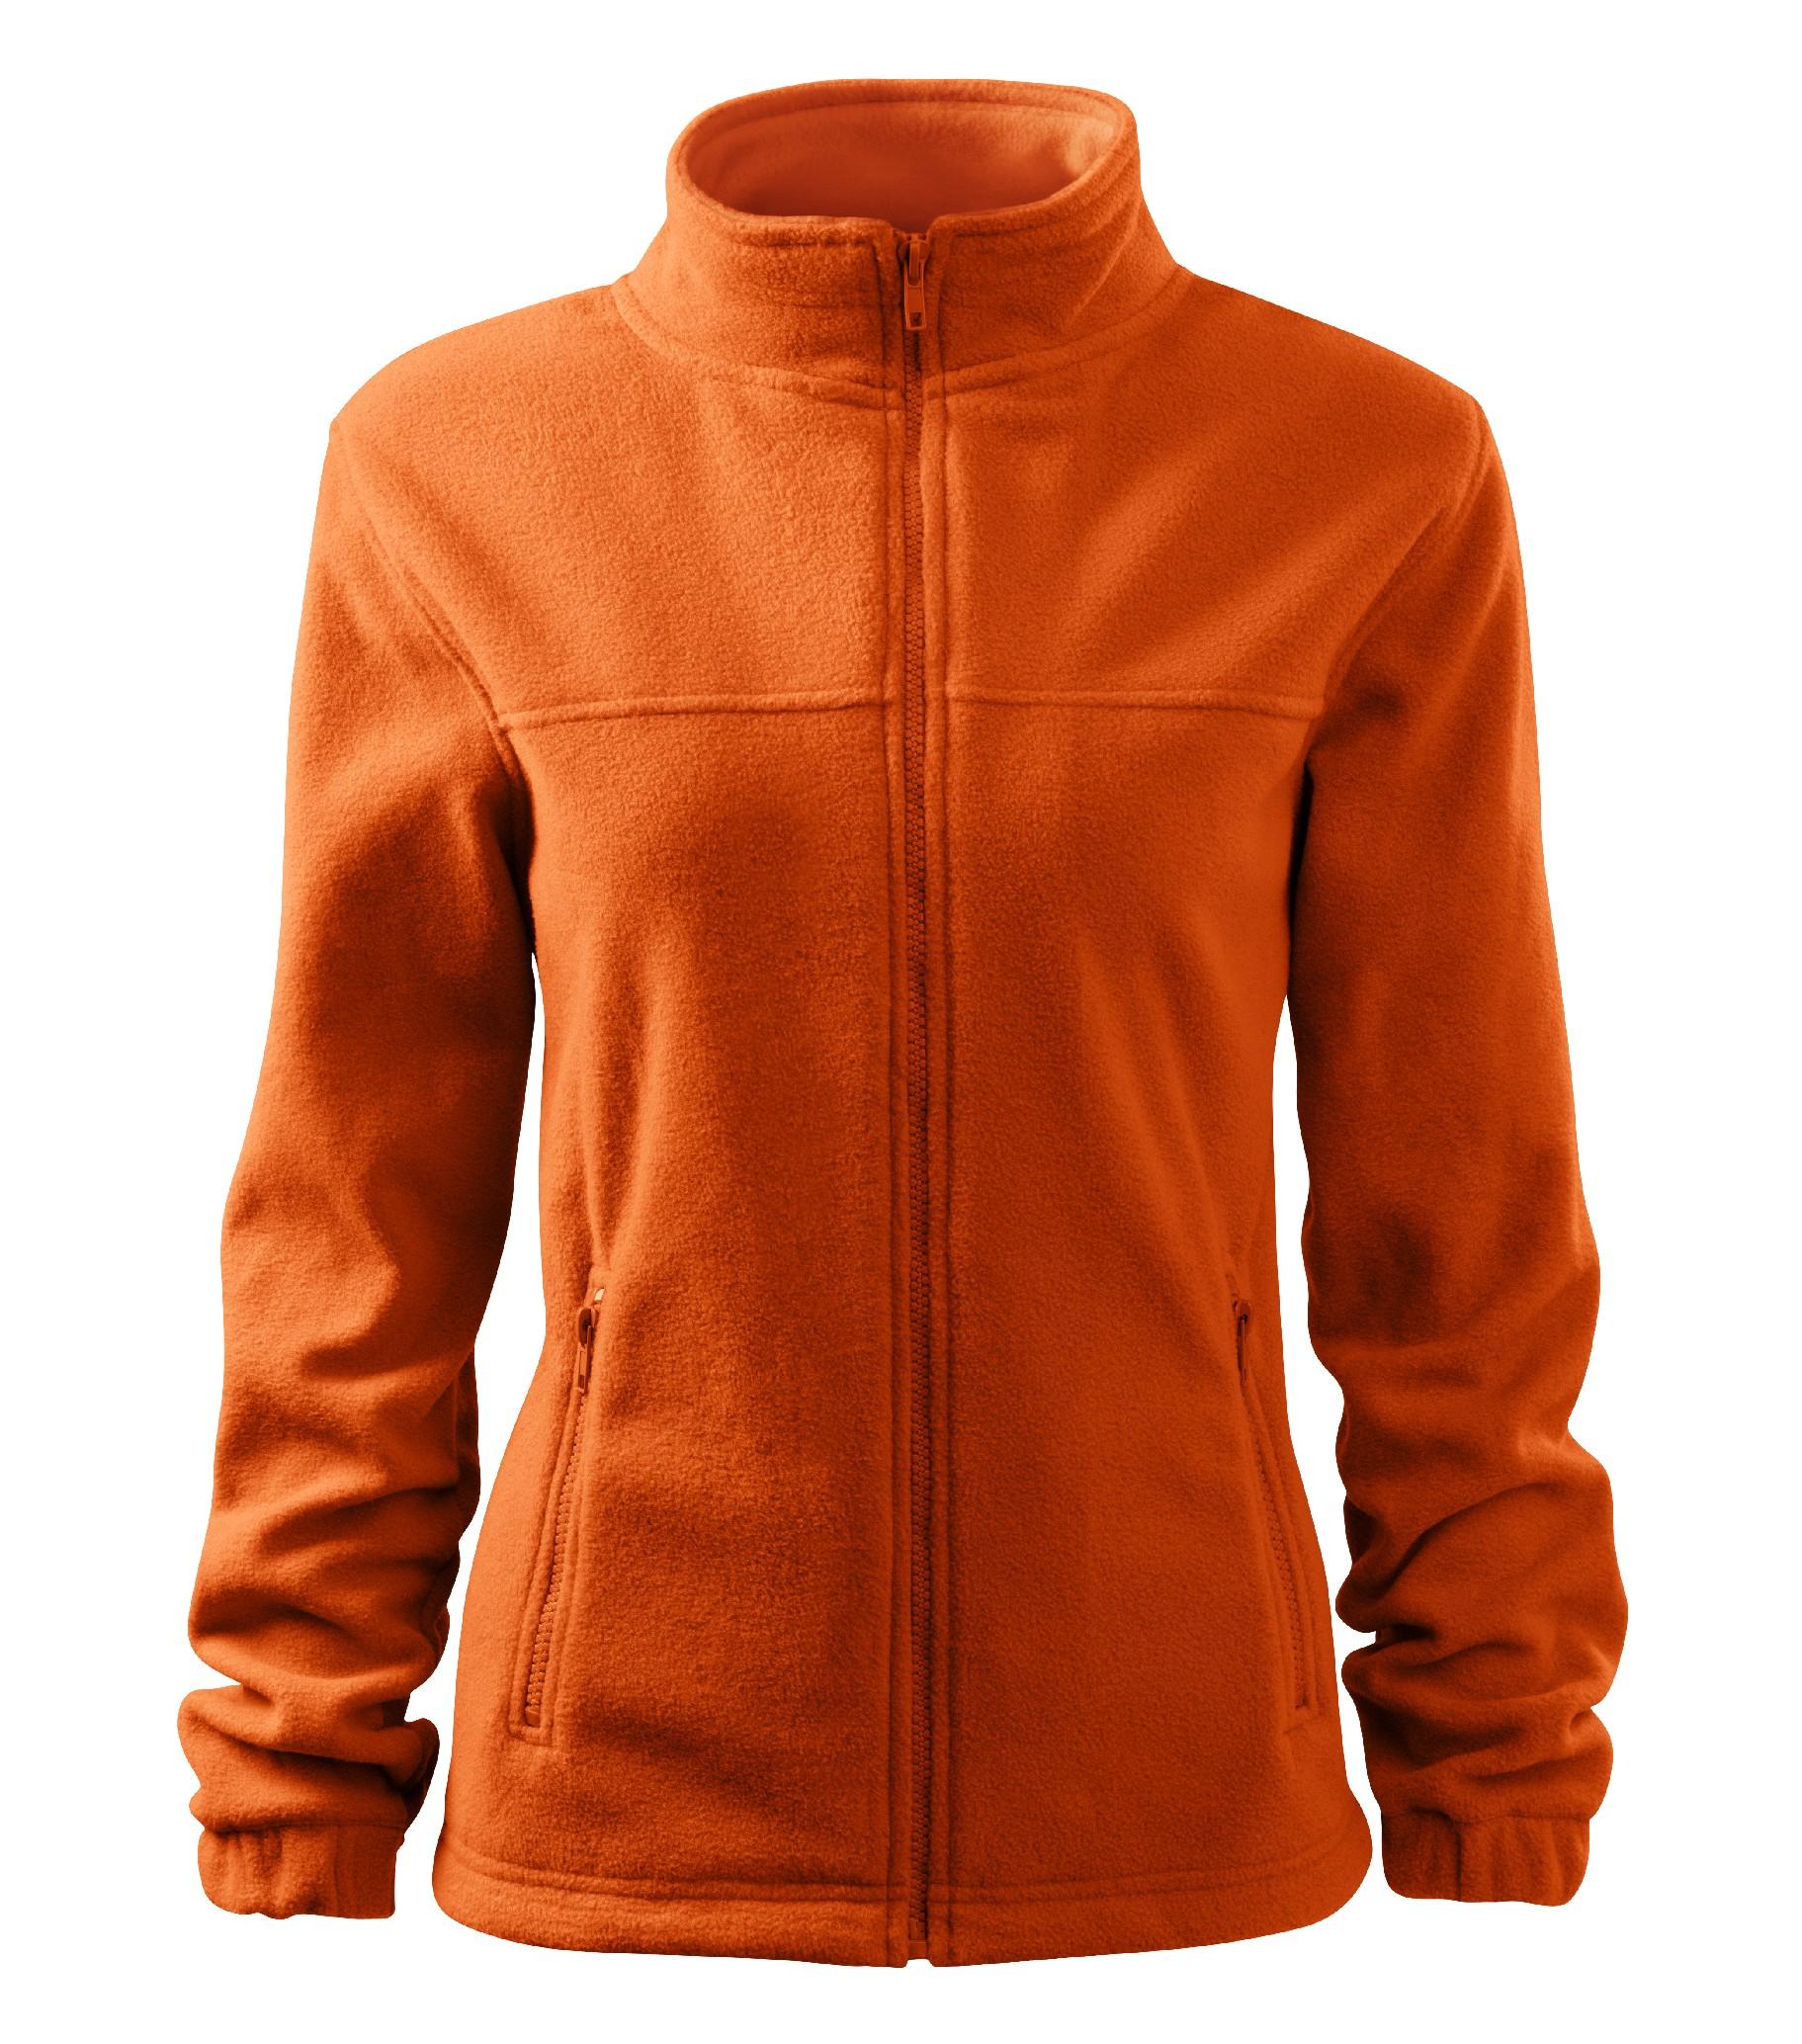 b27f734cd37 Adler fleecová Jacket Oranžová levně